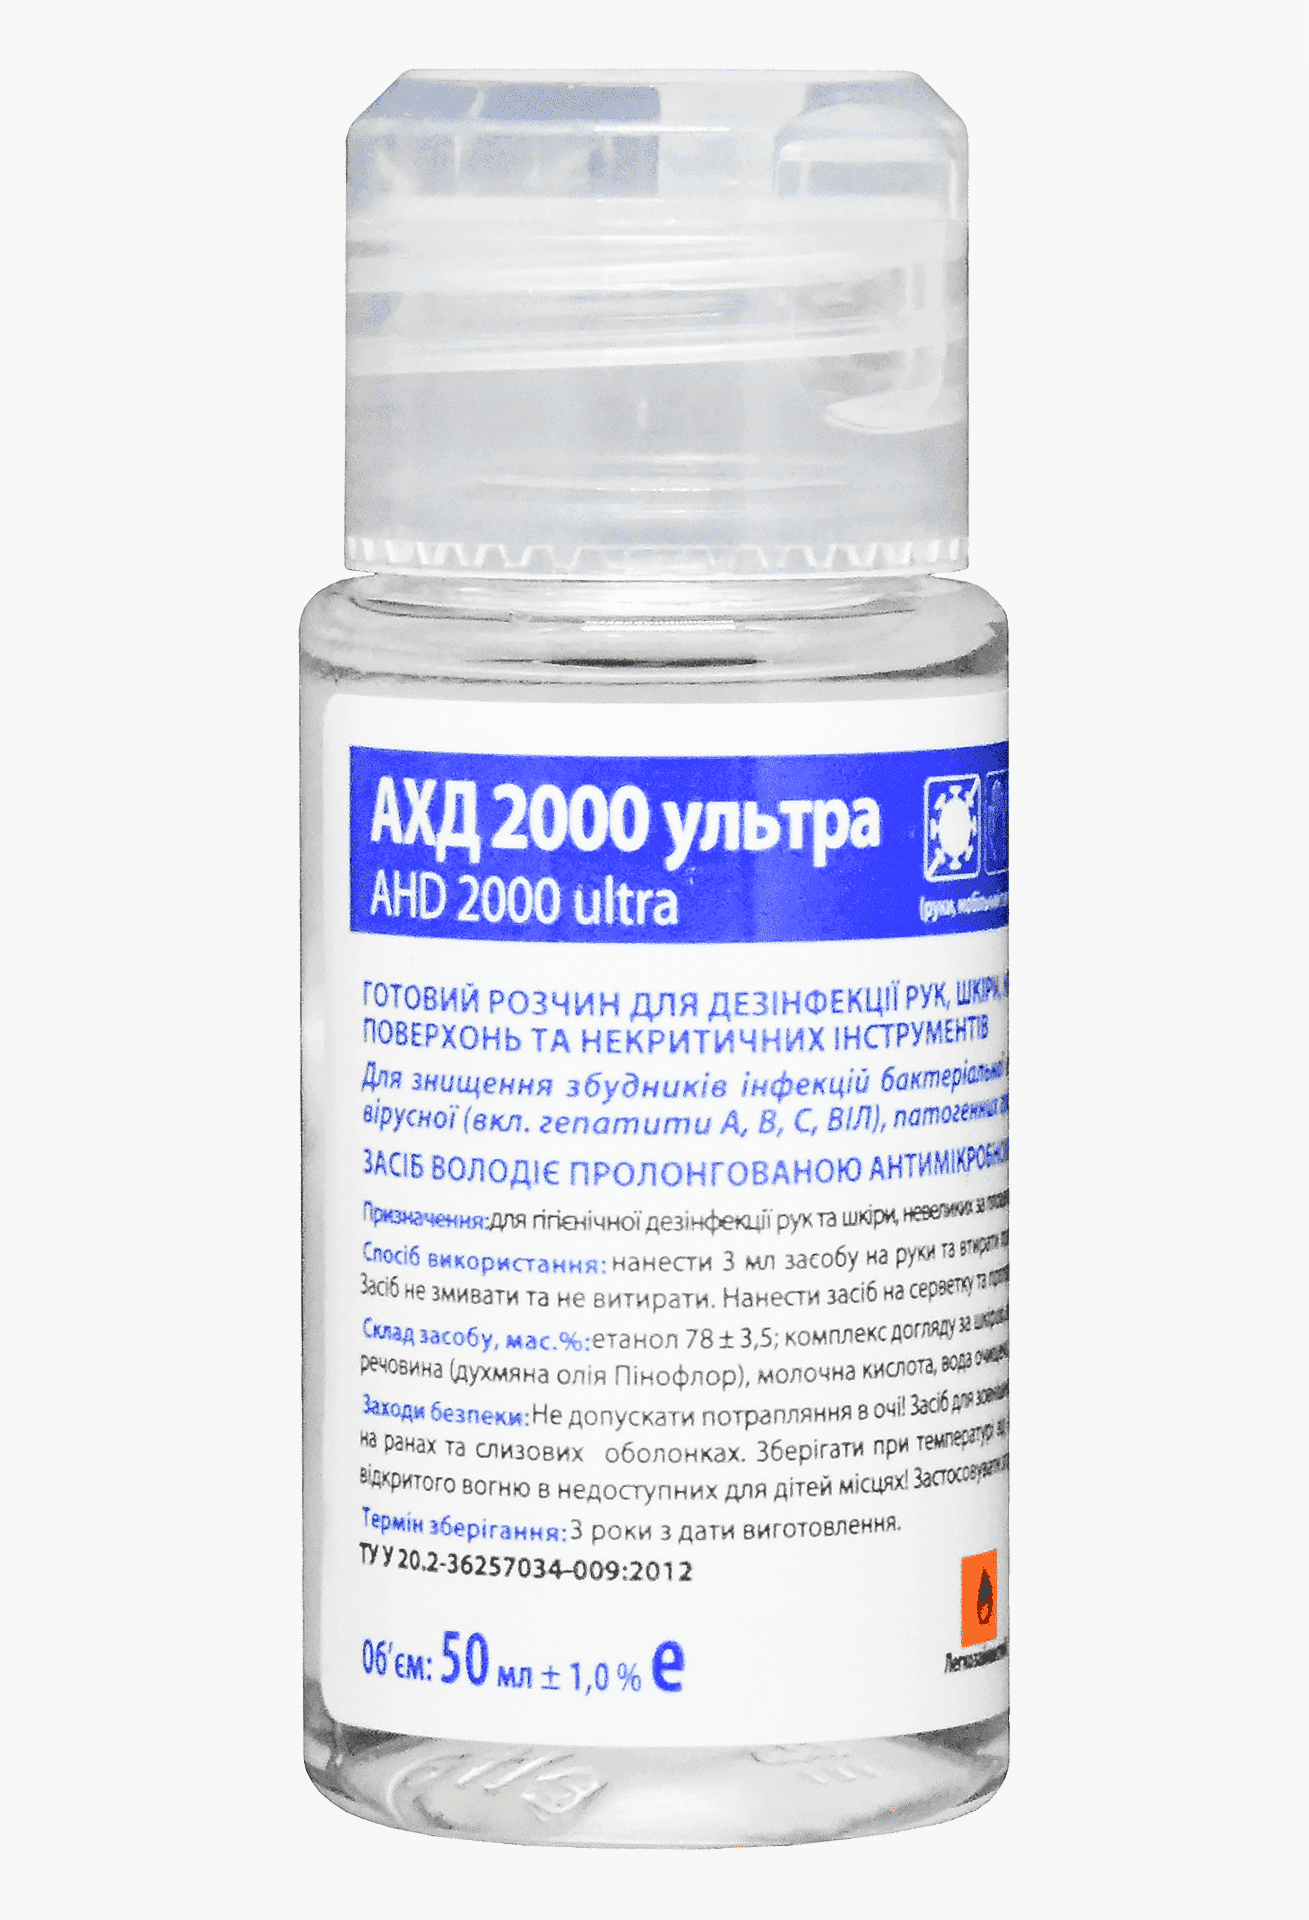 АХД 2000 ультра, 50мл